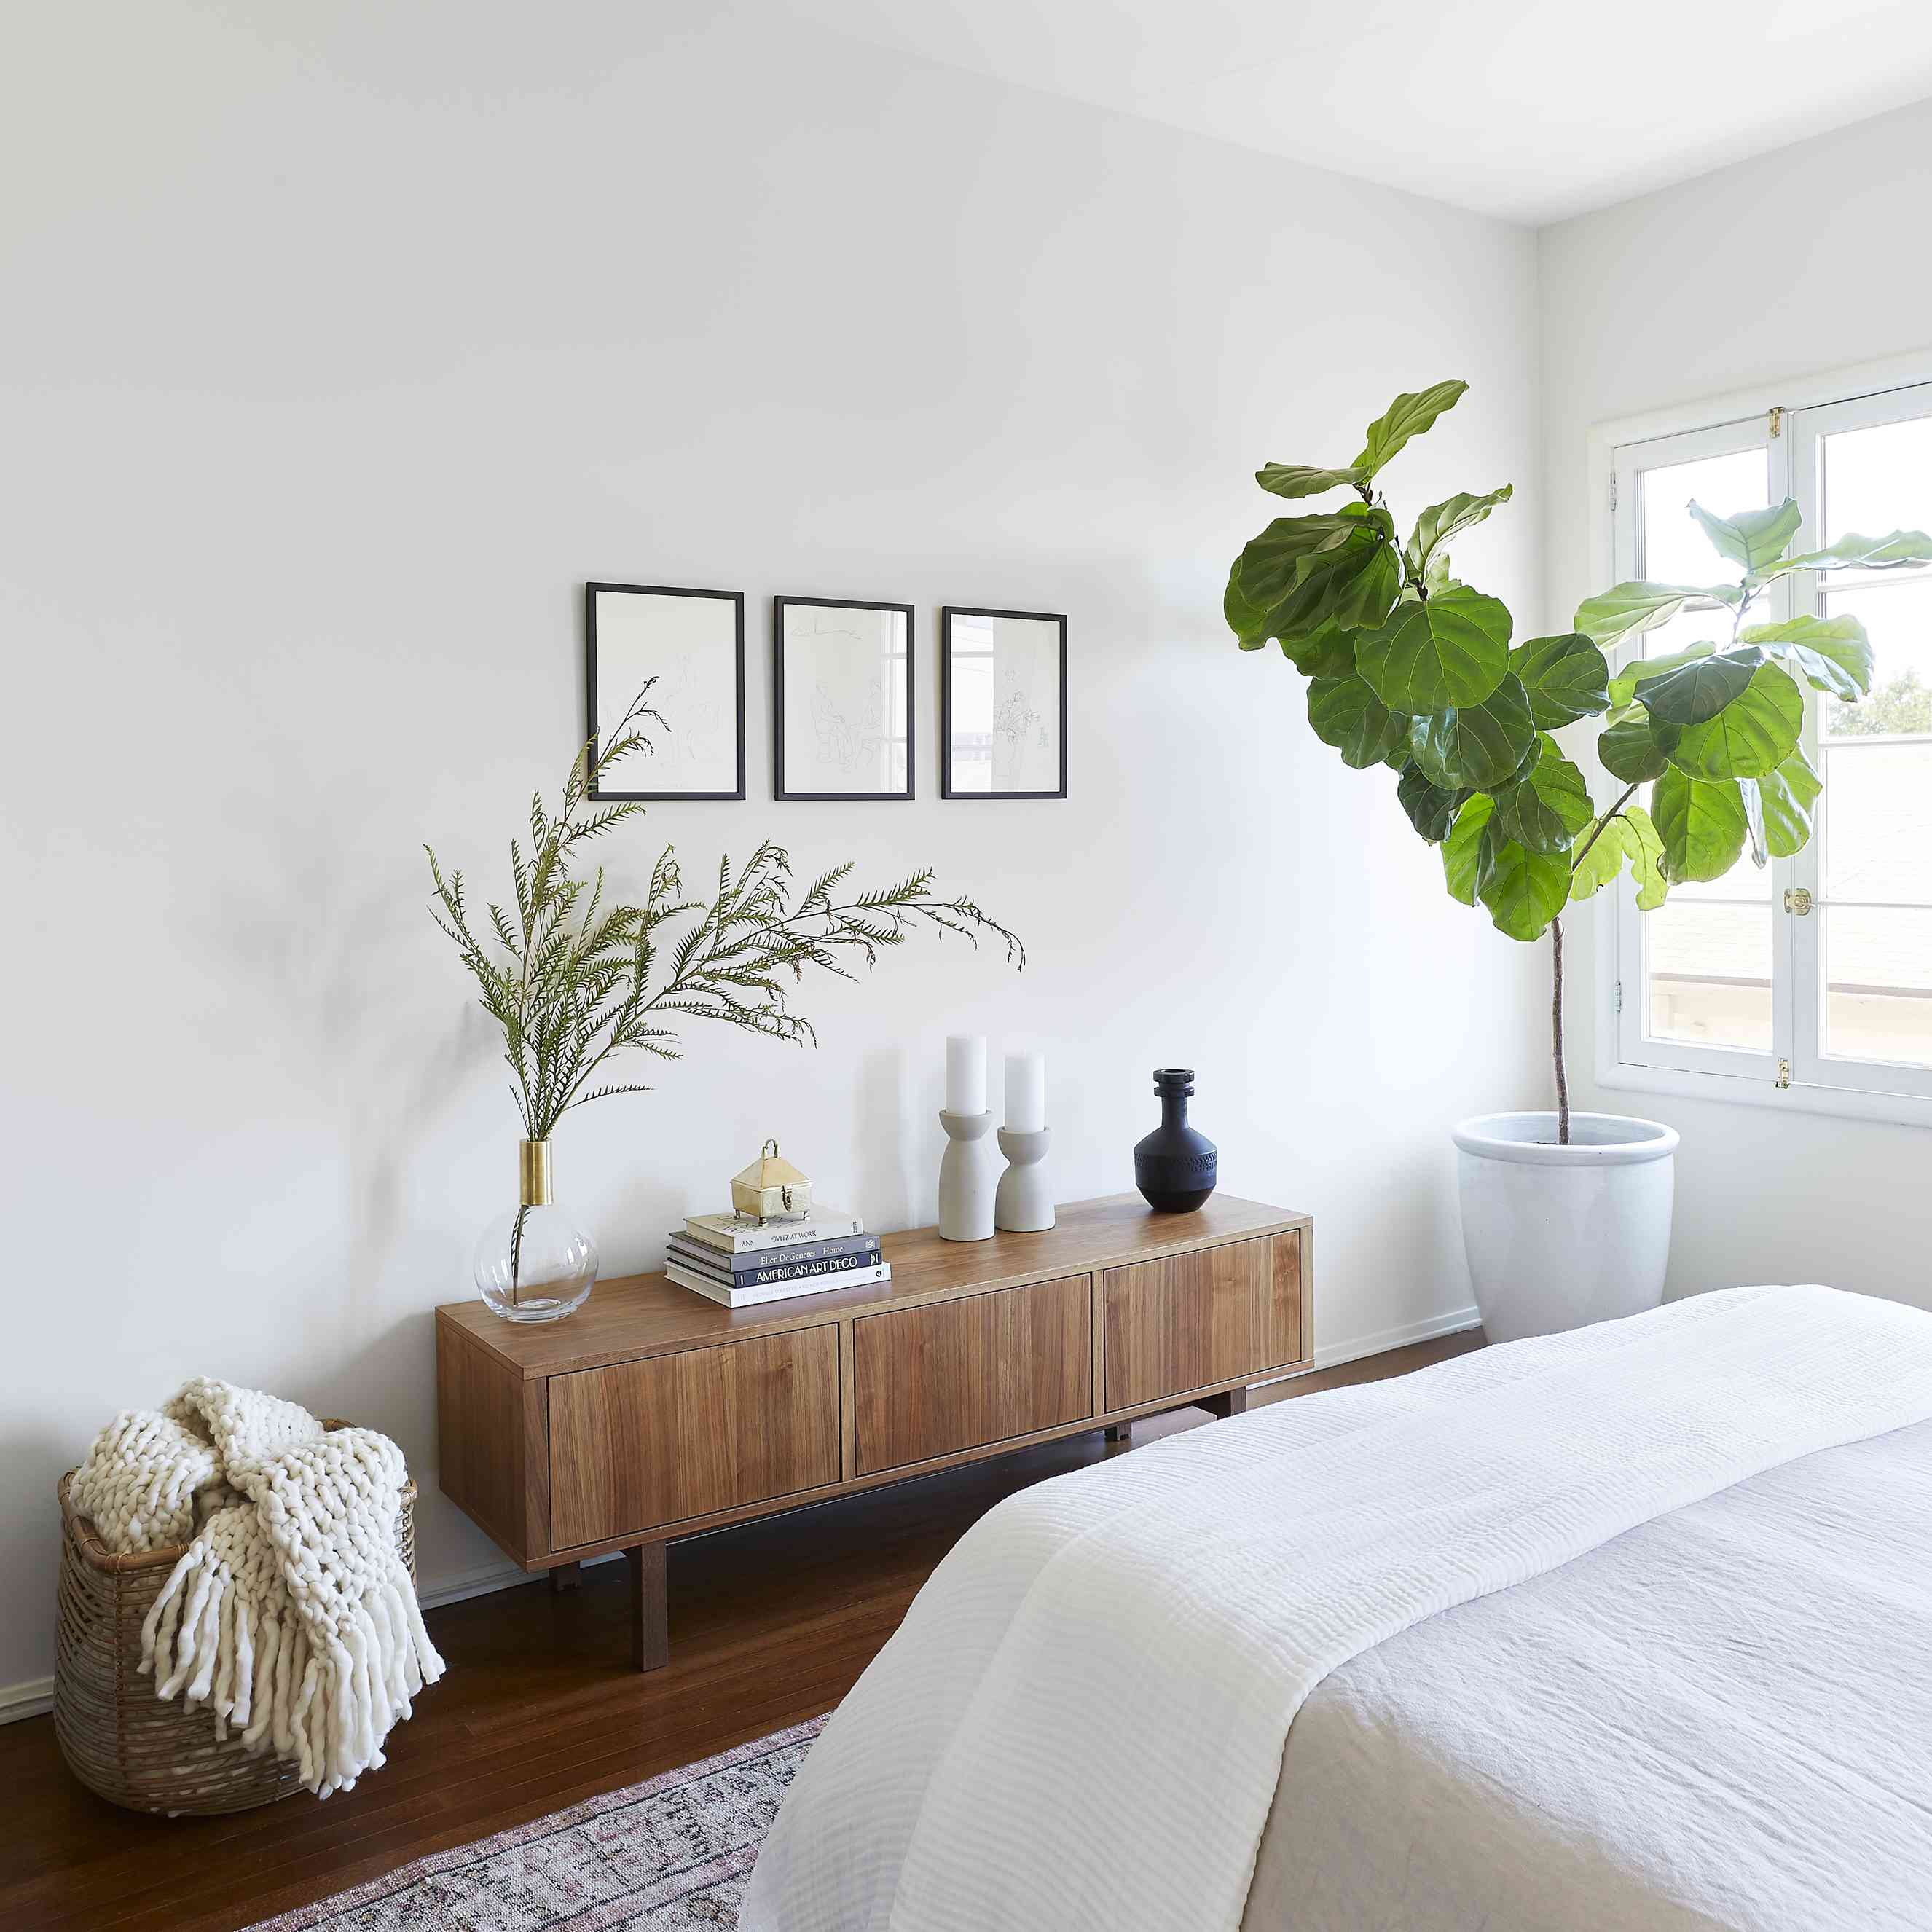 dormitorio con credenza de madera y hoja de violín higuera